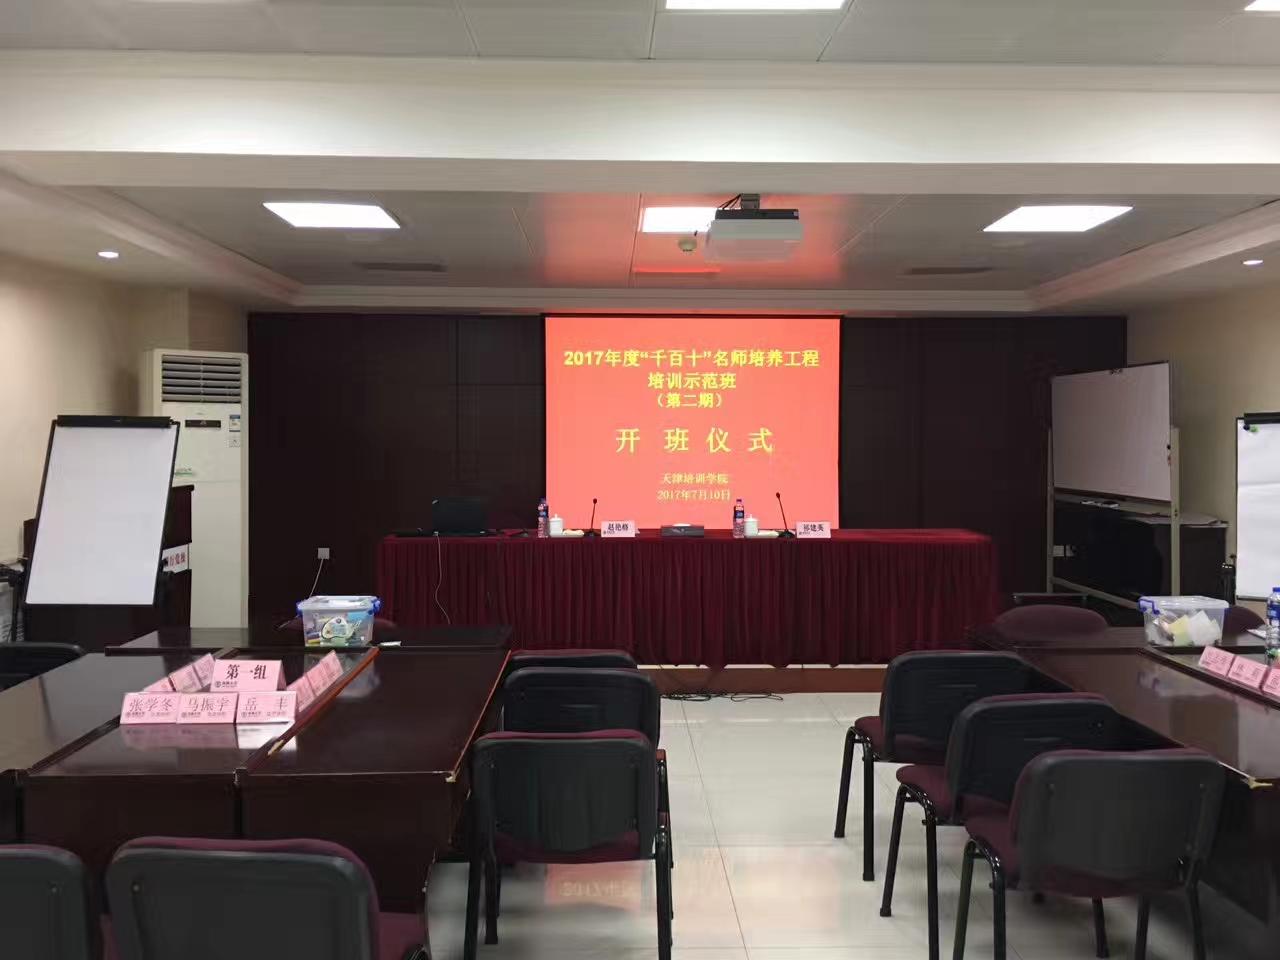 农银大学 第二期《FAST高效课程开发》 培训师邱伟